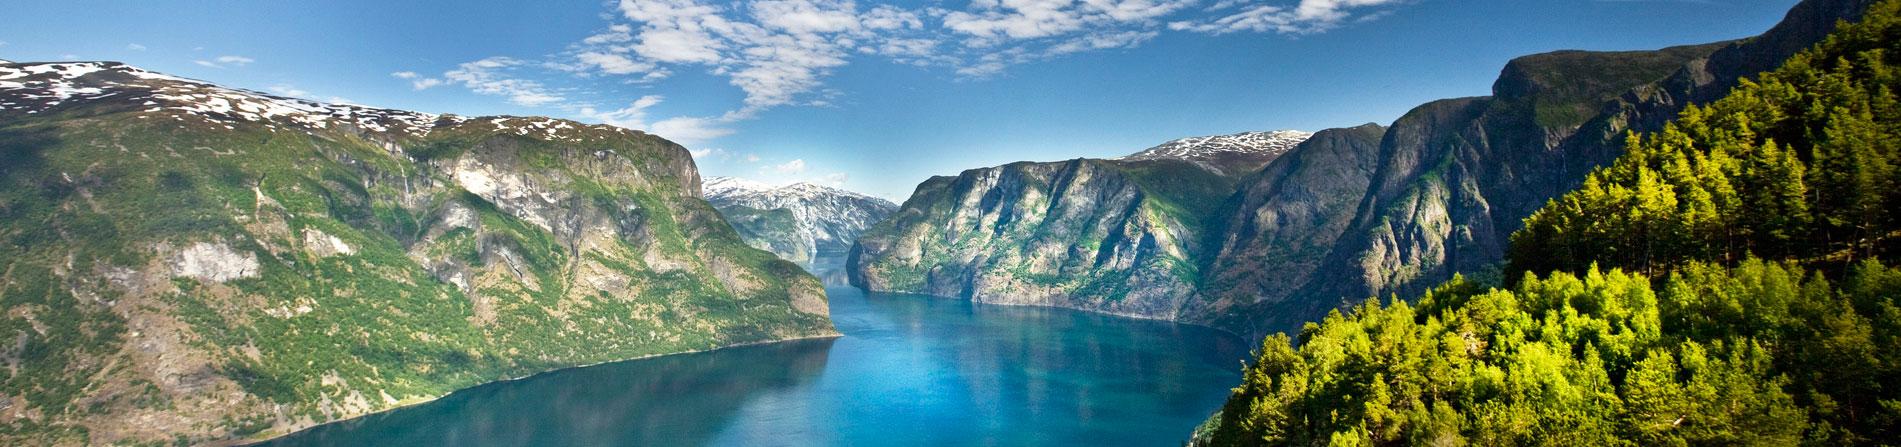 Norwegen – durch die Fjorde in die Arktis 03